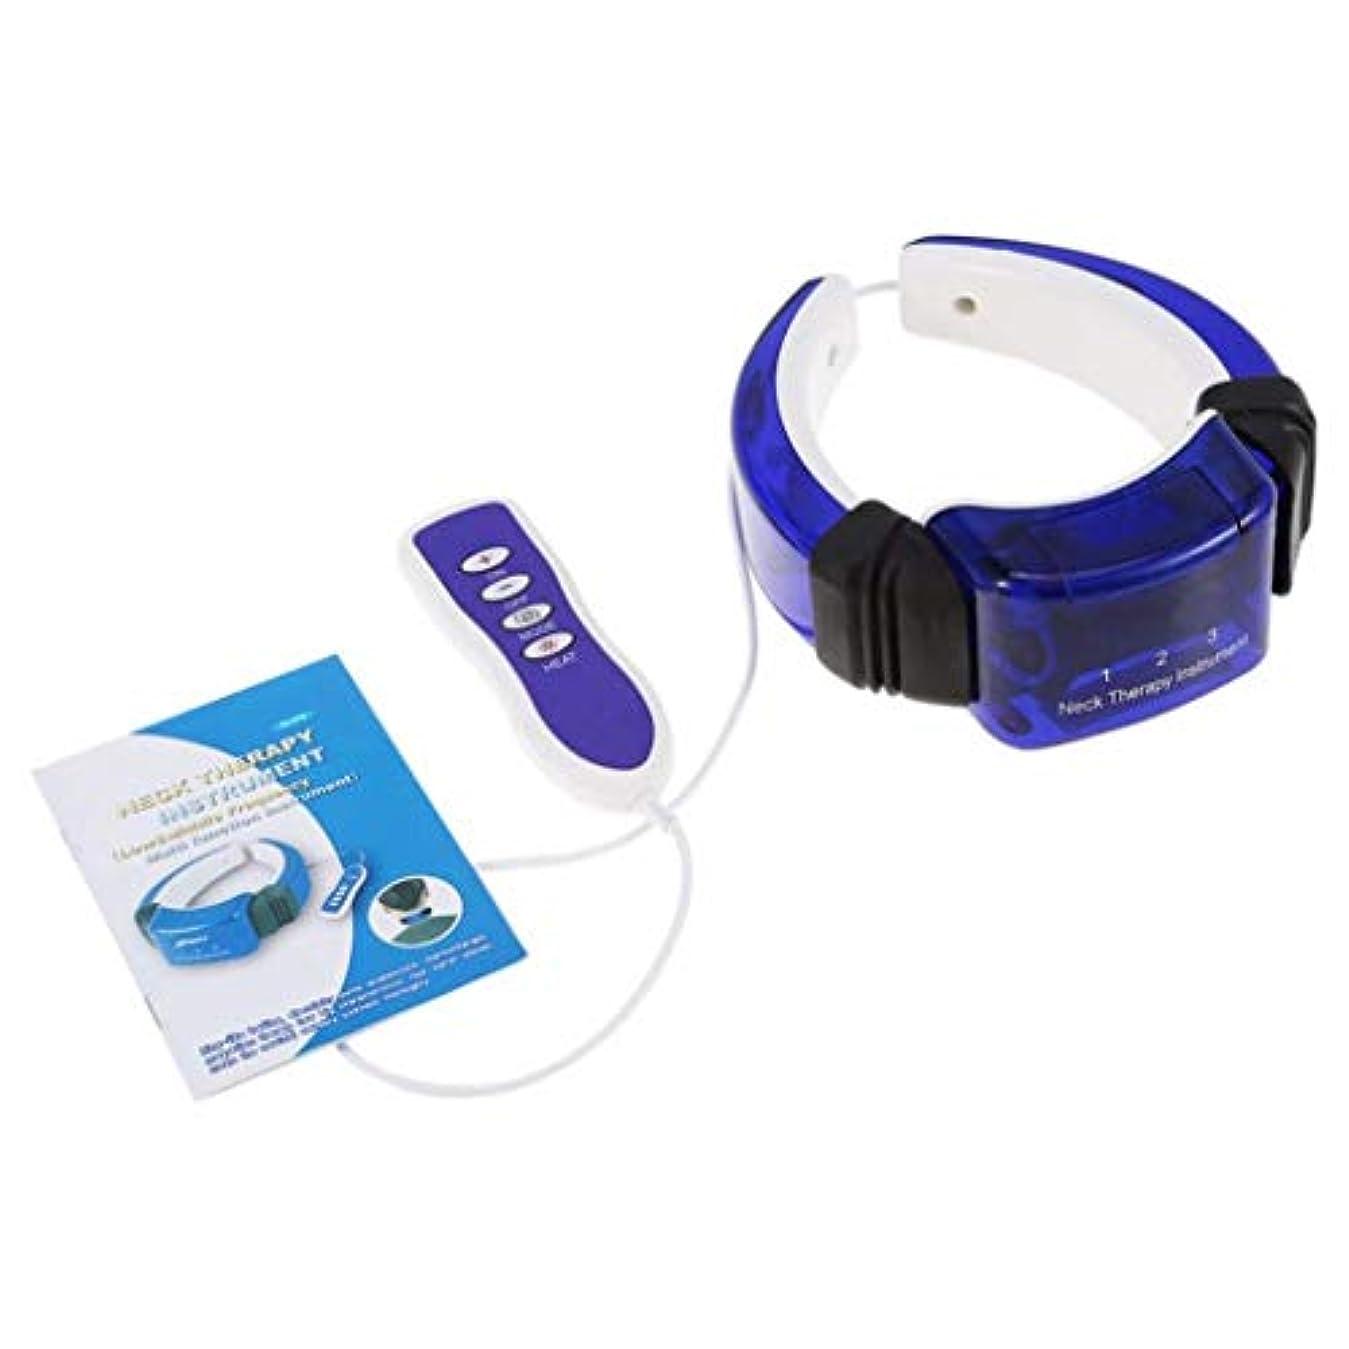 剃る嵐騙す子宮頸マッサージ器、電動ネックマッサージ器、経絡鍼治療機器、子宮頸理学療法機器、痛みを和らげる